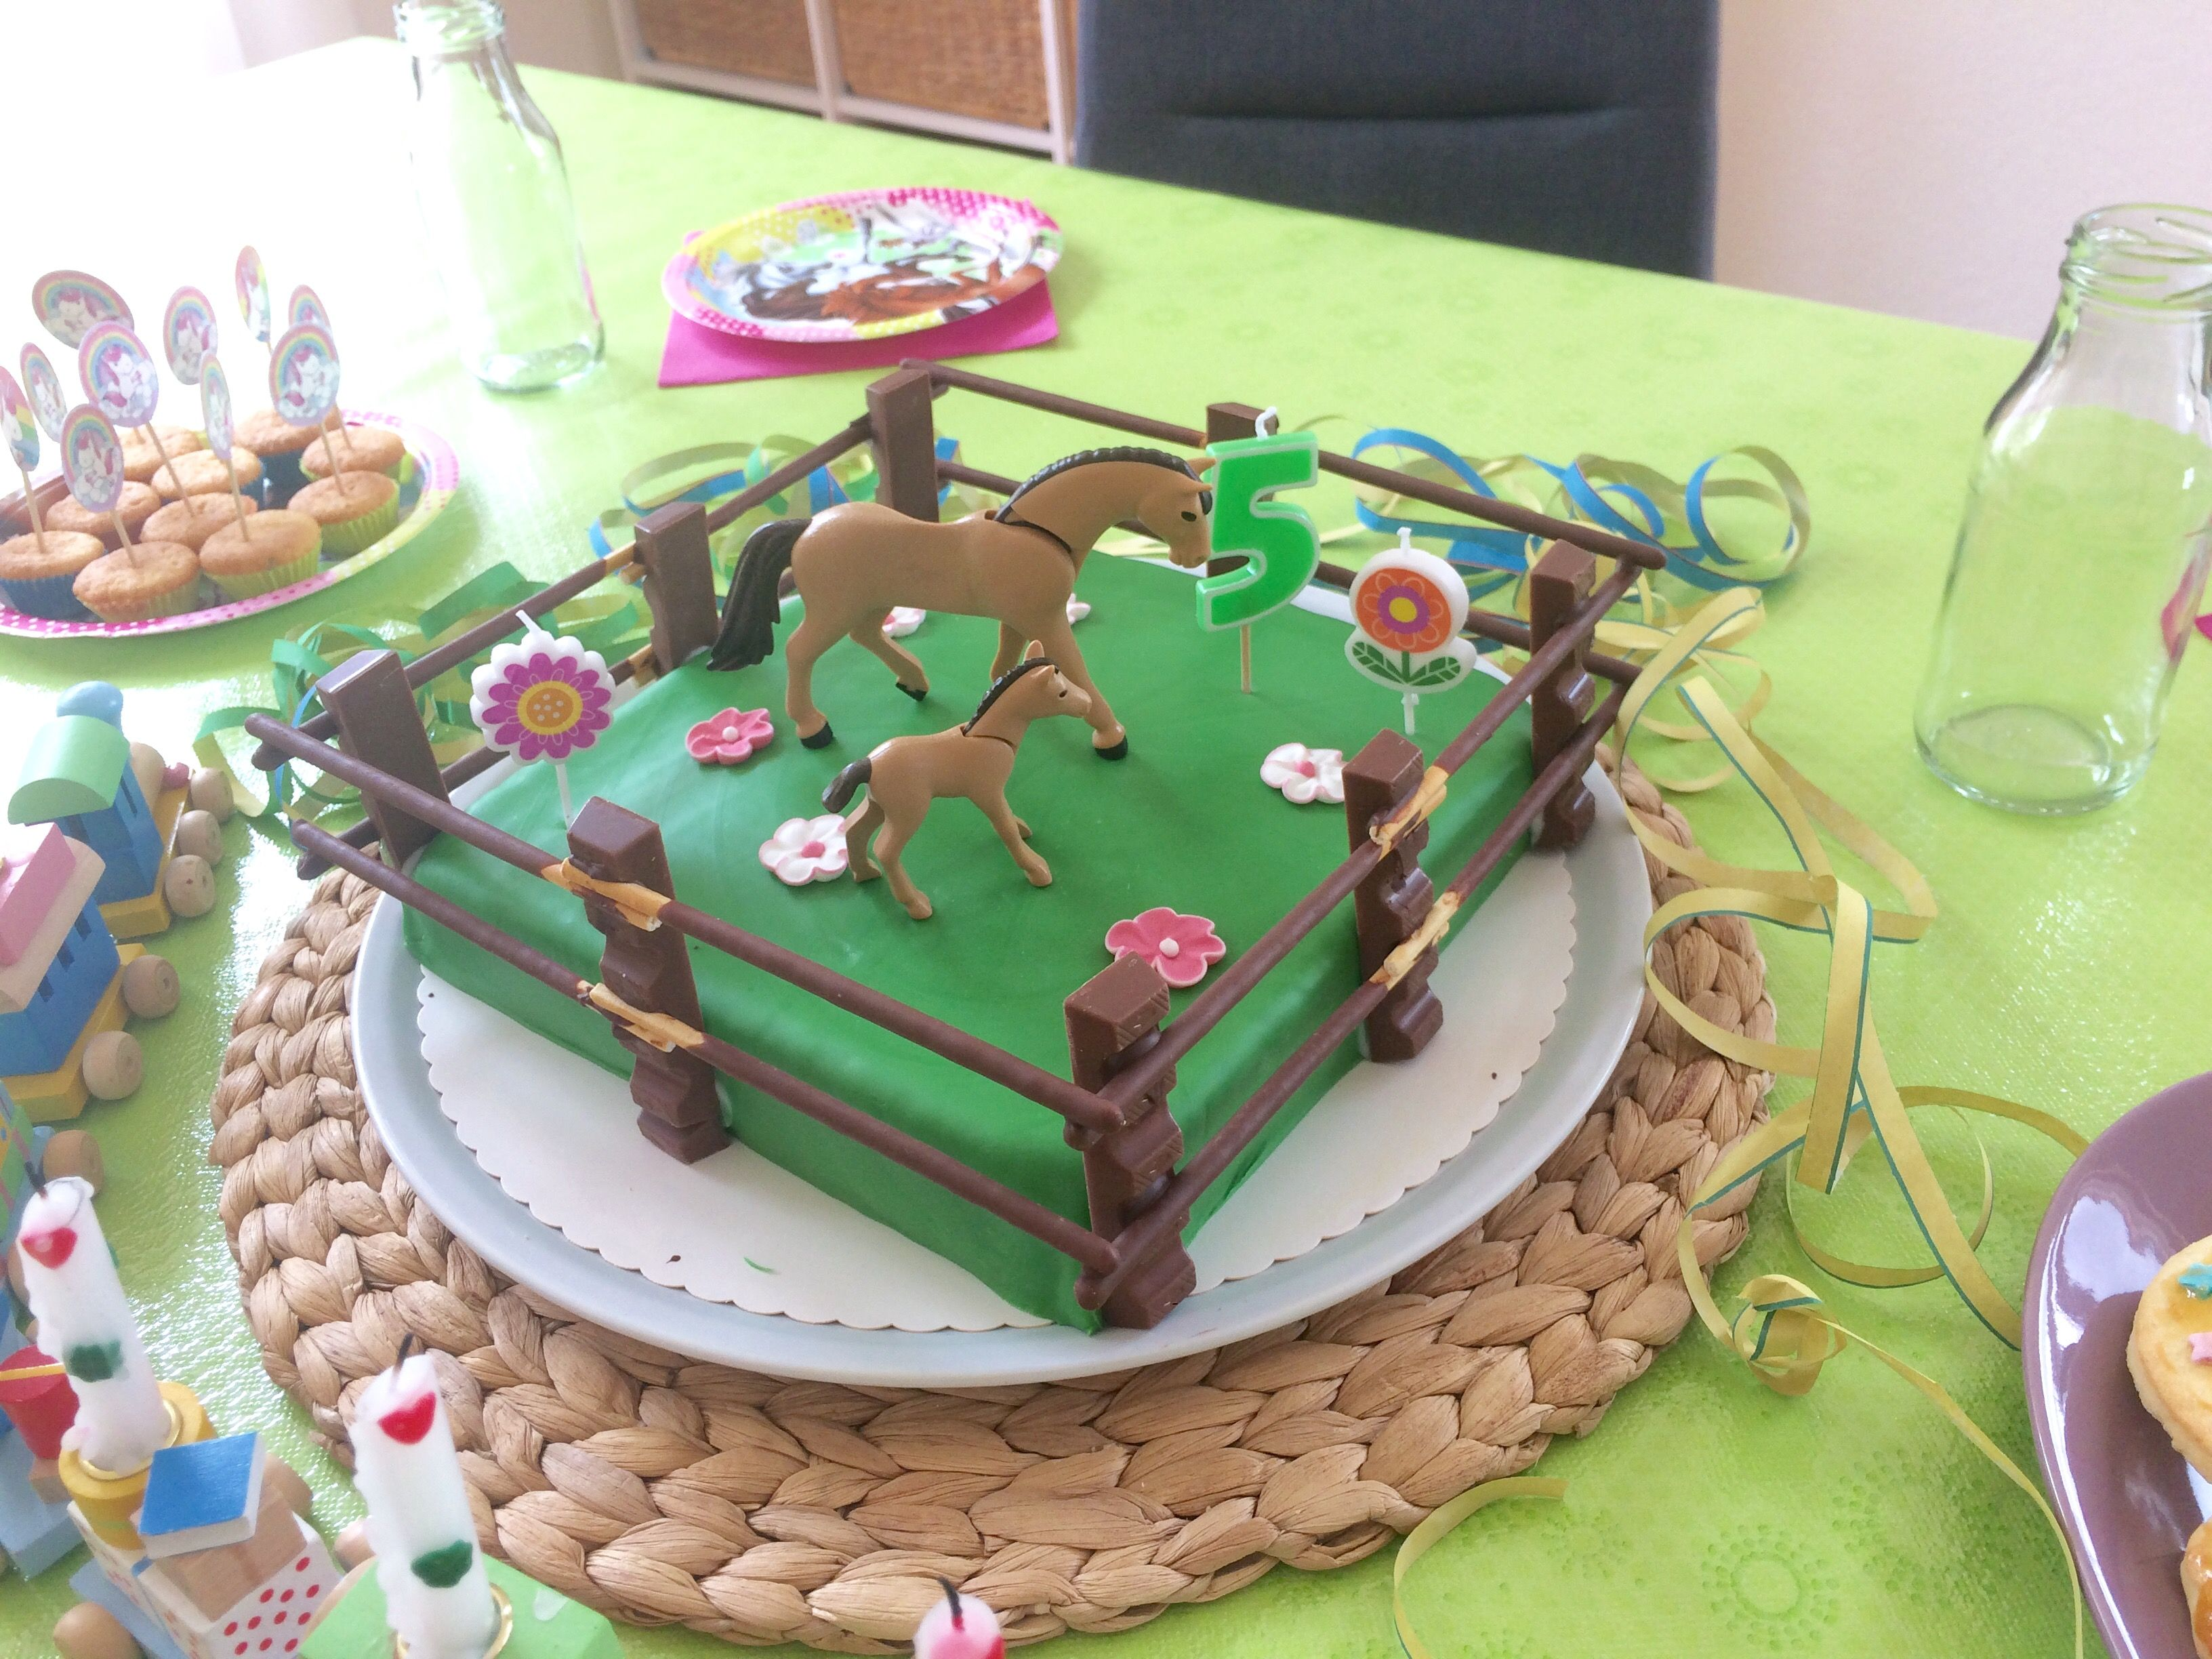 Pferdekuchen Geburtstag Koppel Birthday cake horses horse paddock ...